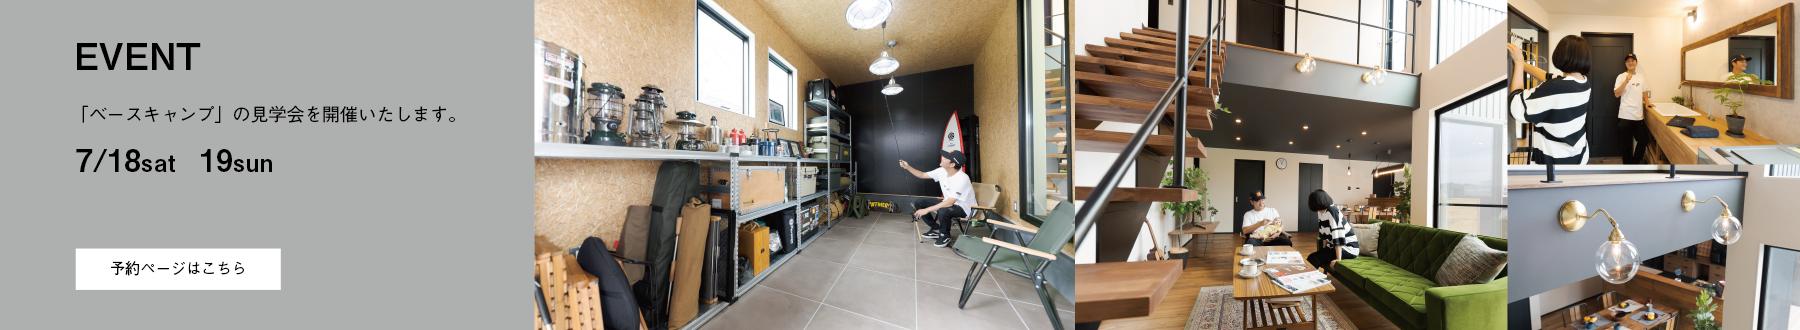 ベースキャンプ − OPEN HOUSE 株式会社Kibaco